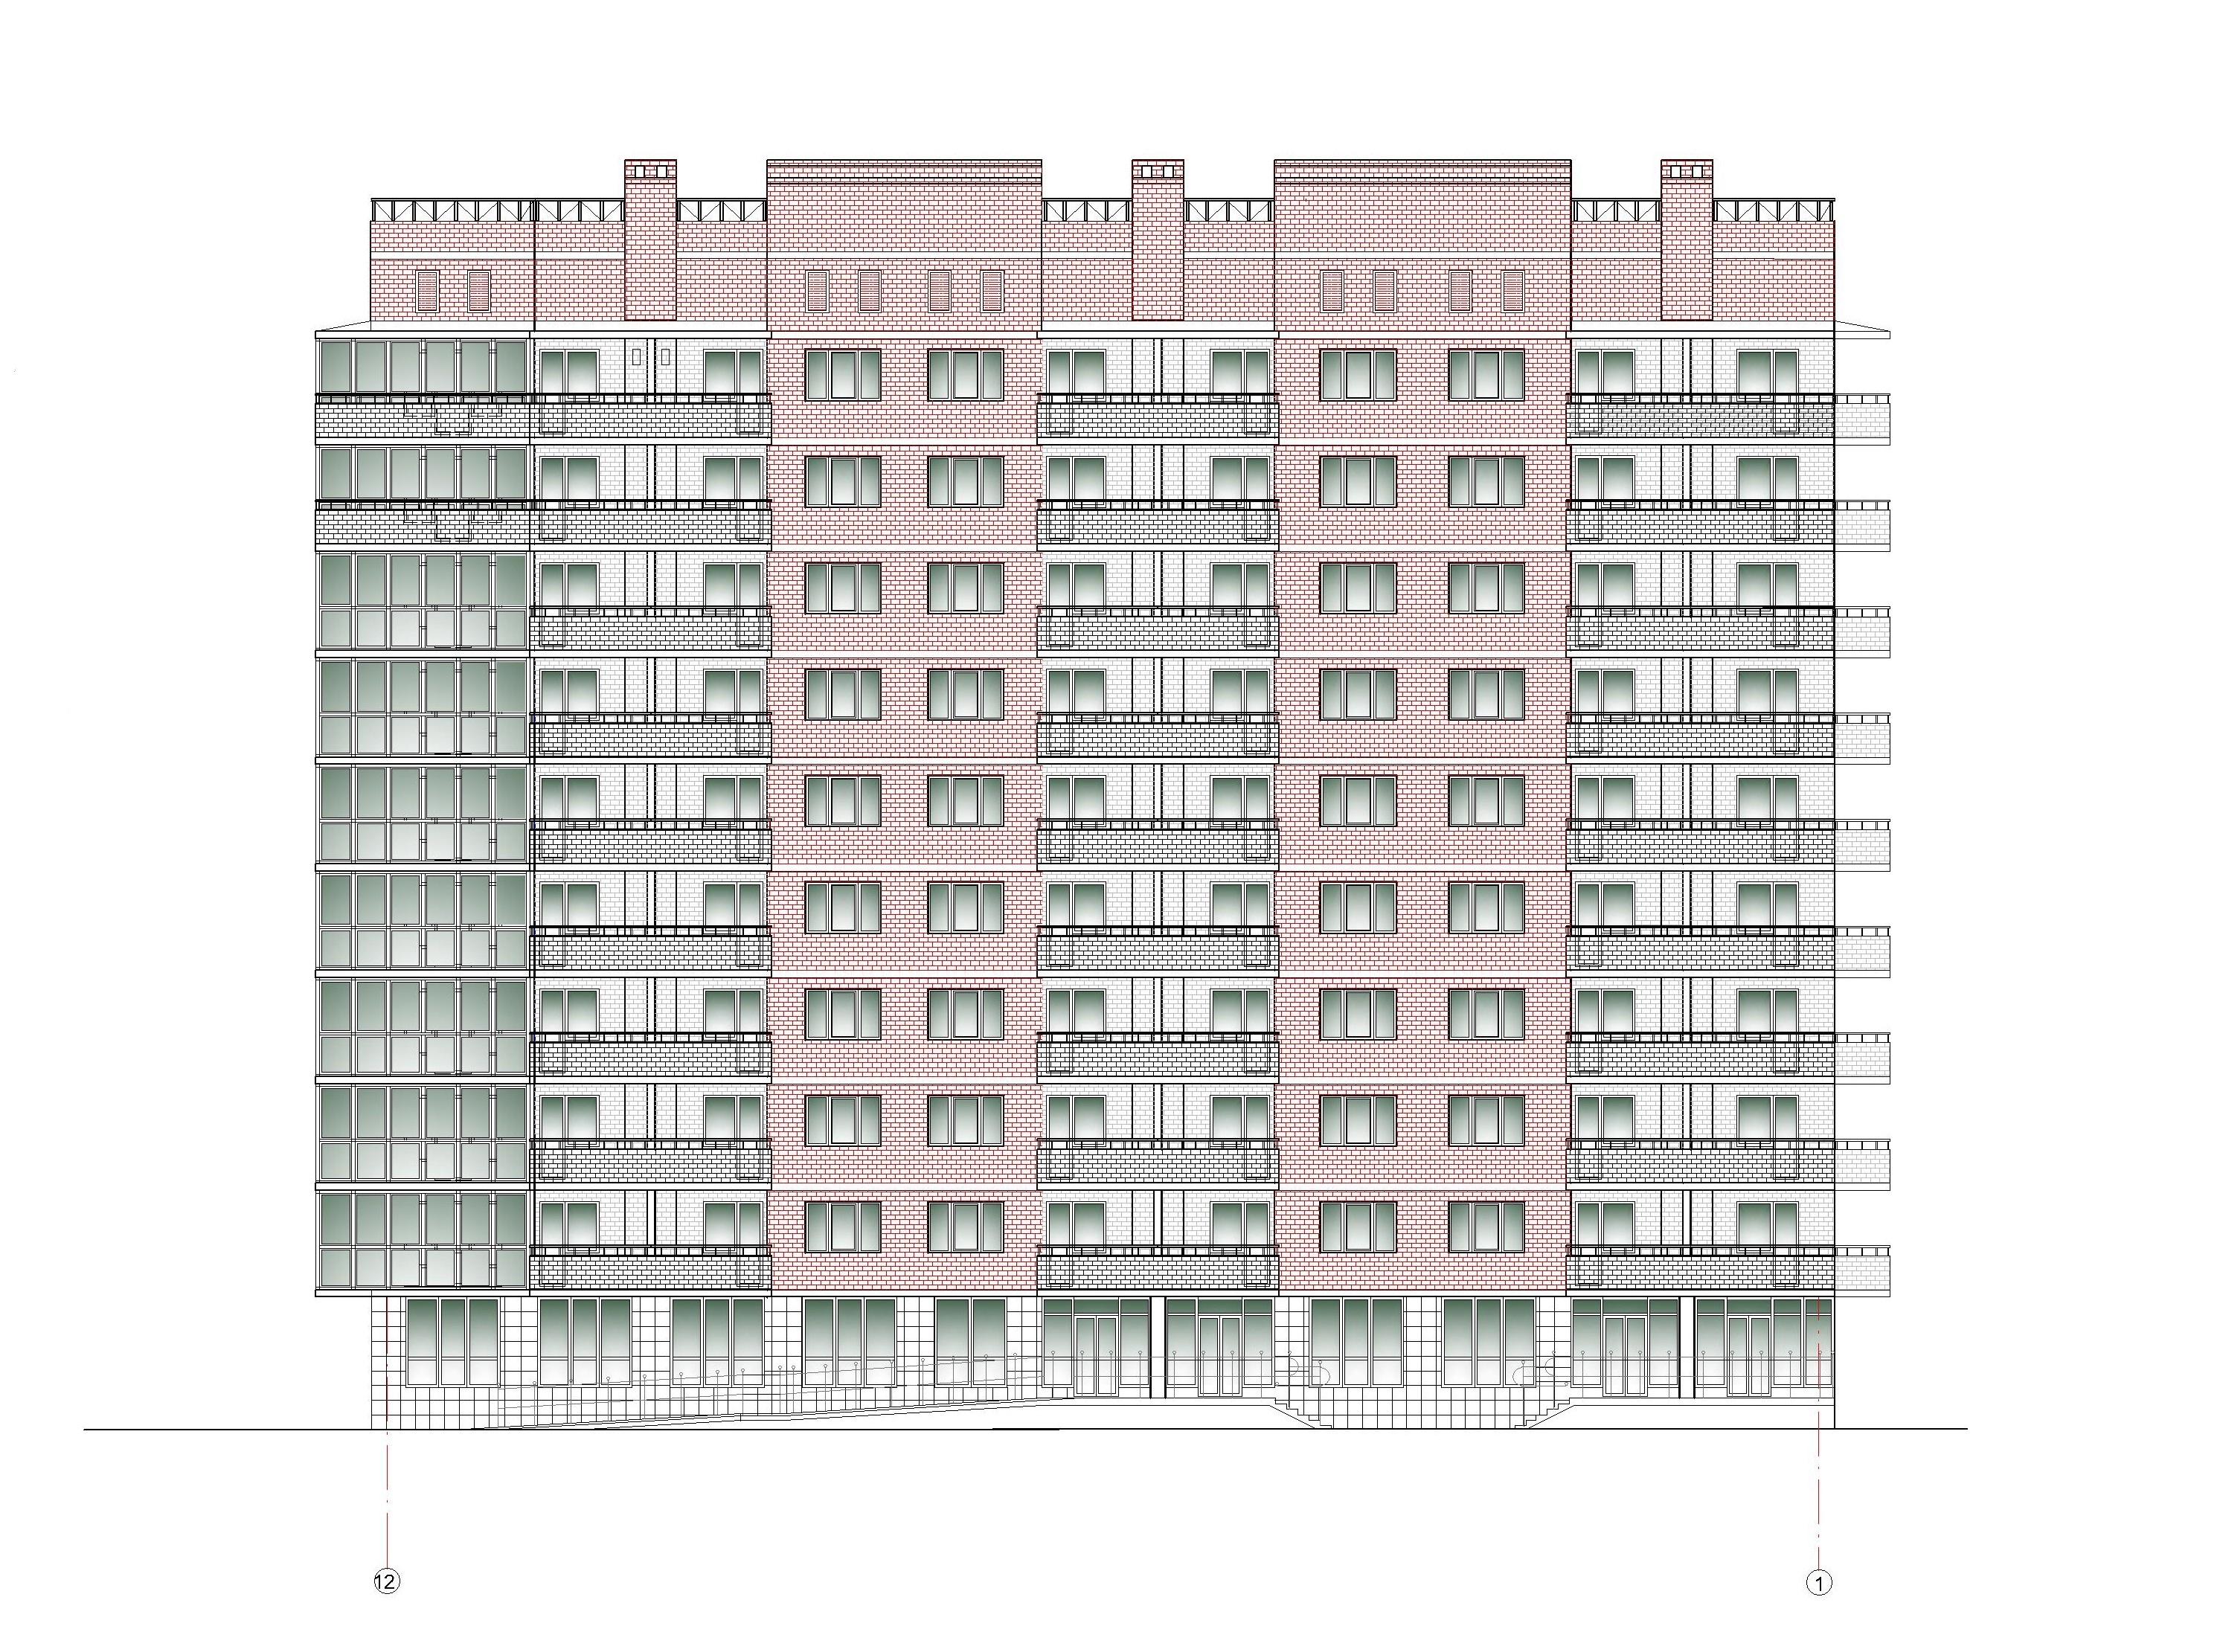 Проект 10-ти этажного многоквартирного дома. Фасад в осях 12-1